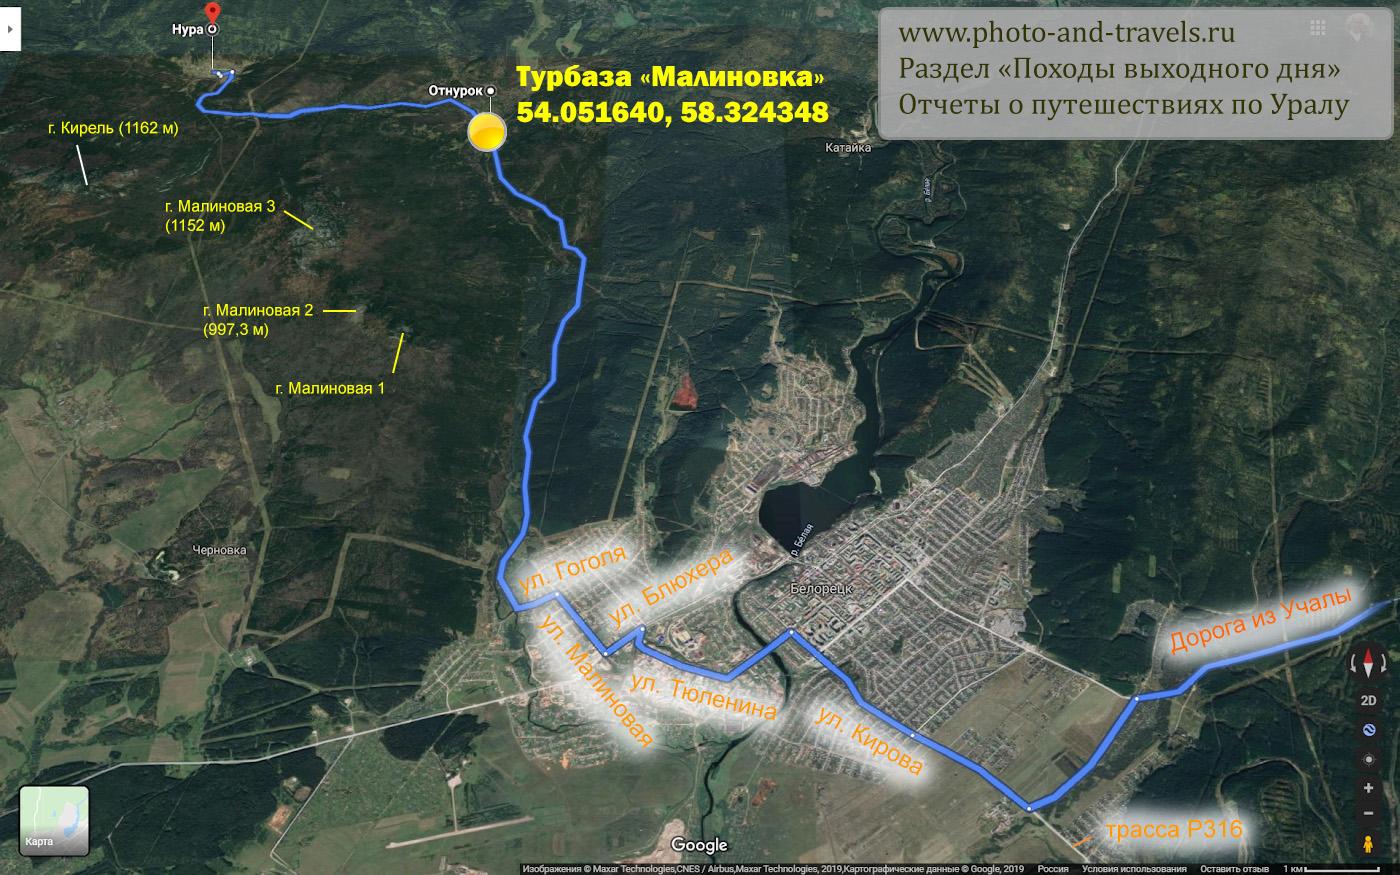 9. Схема, поясняющая, как из Белорецка попасть на турбазу «Малиновка» в хуторе Отнурок.